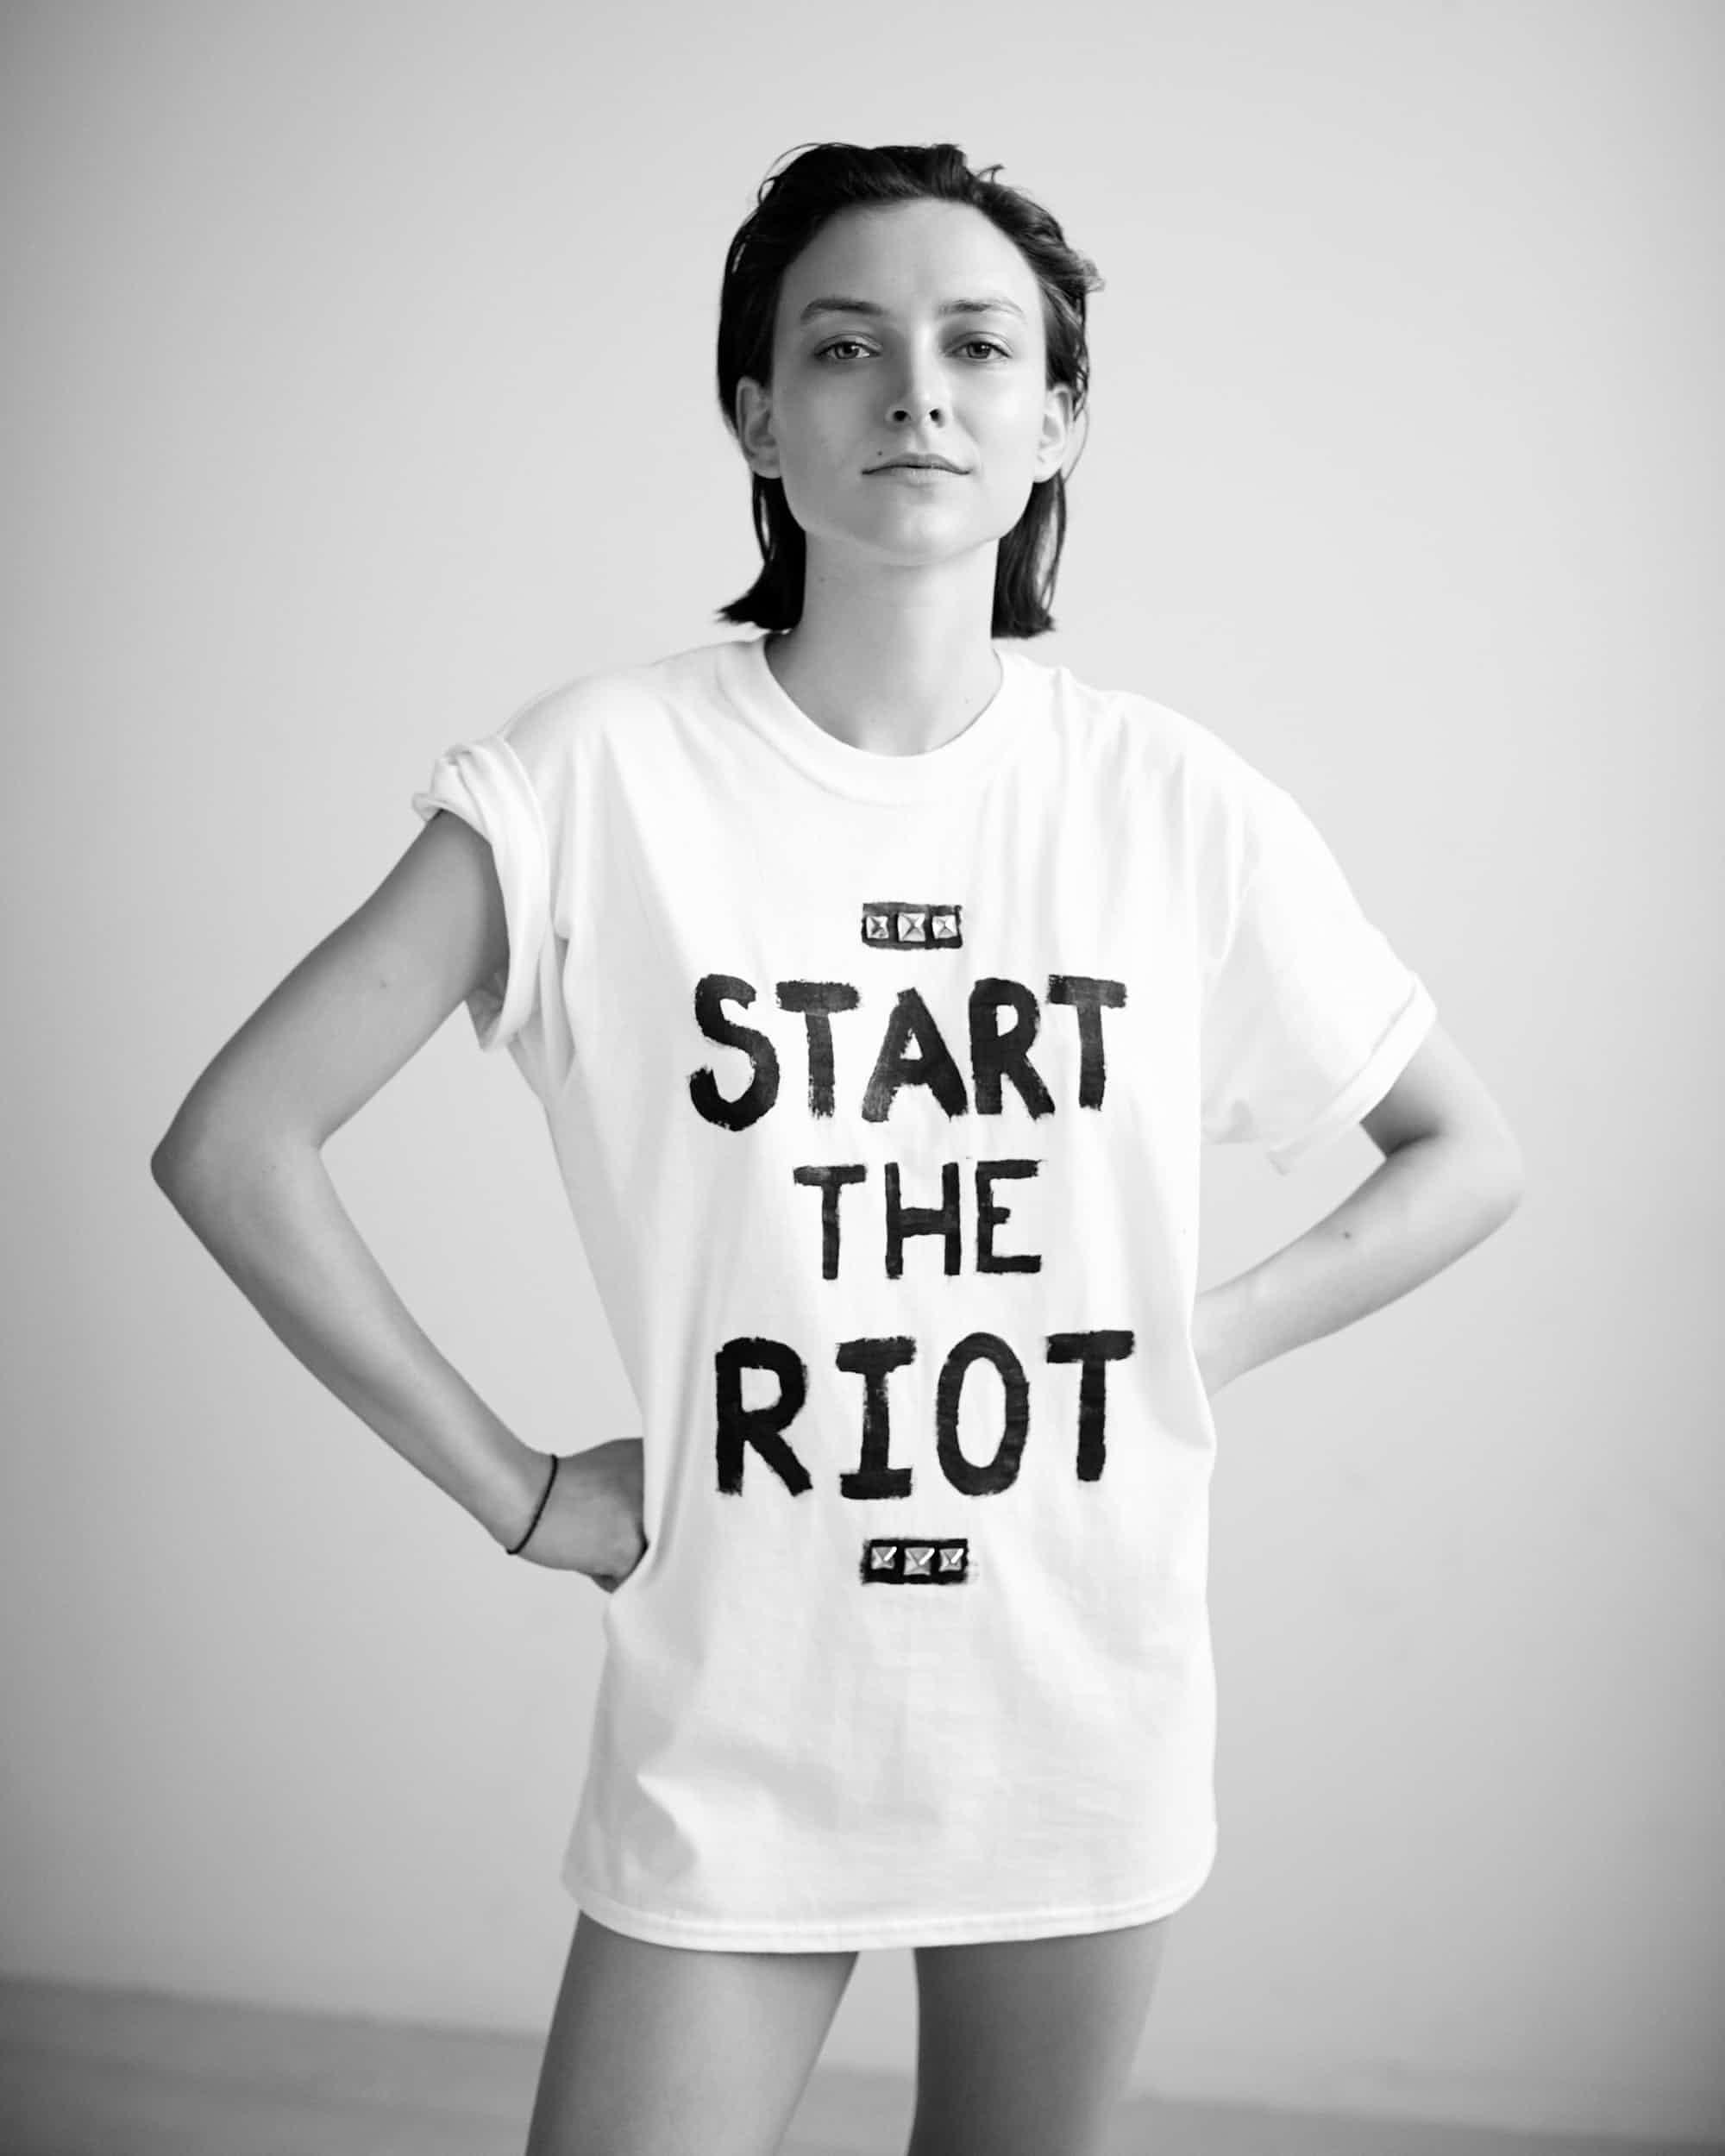 Олли    Олли Хендерсон стала настоящей музой этого проекта. Она активистка, мод